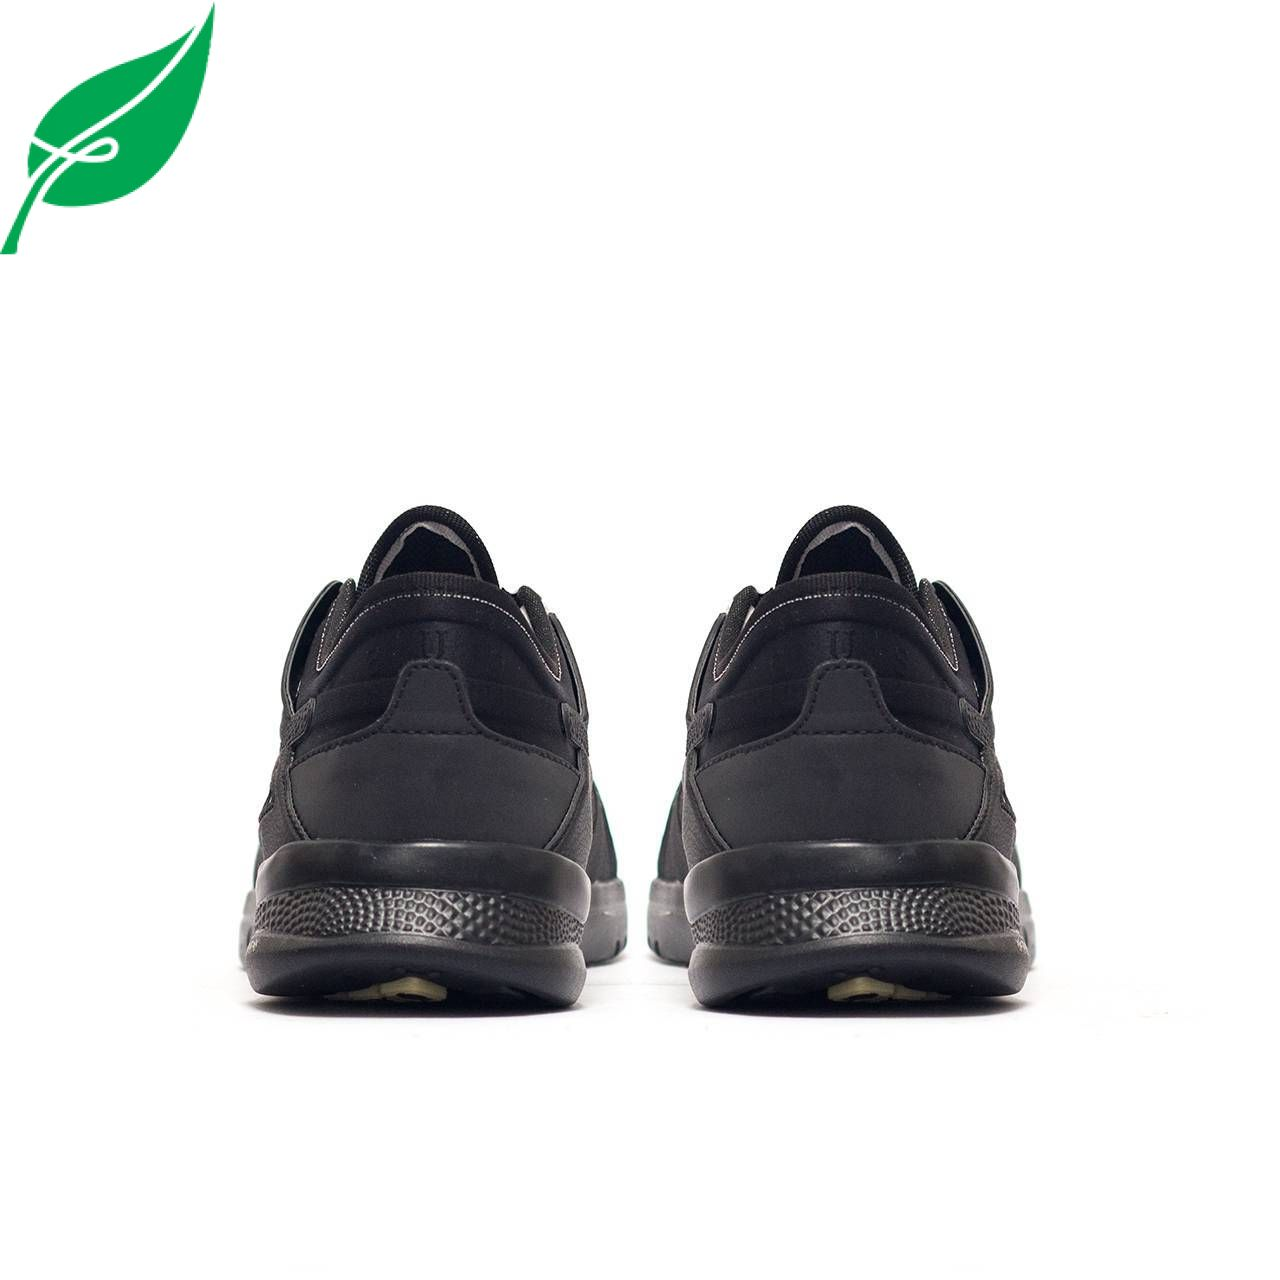 Tênis ÖUS Phibo 5813 Black Reflect